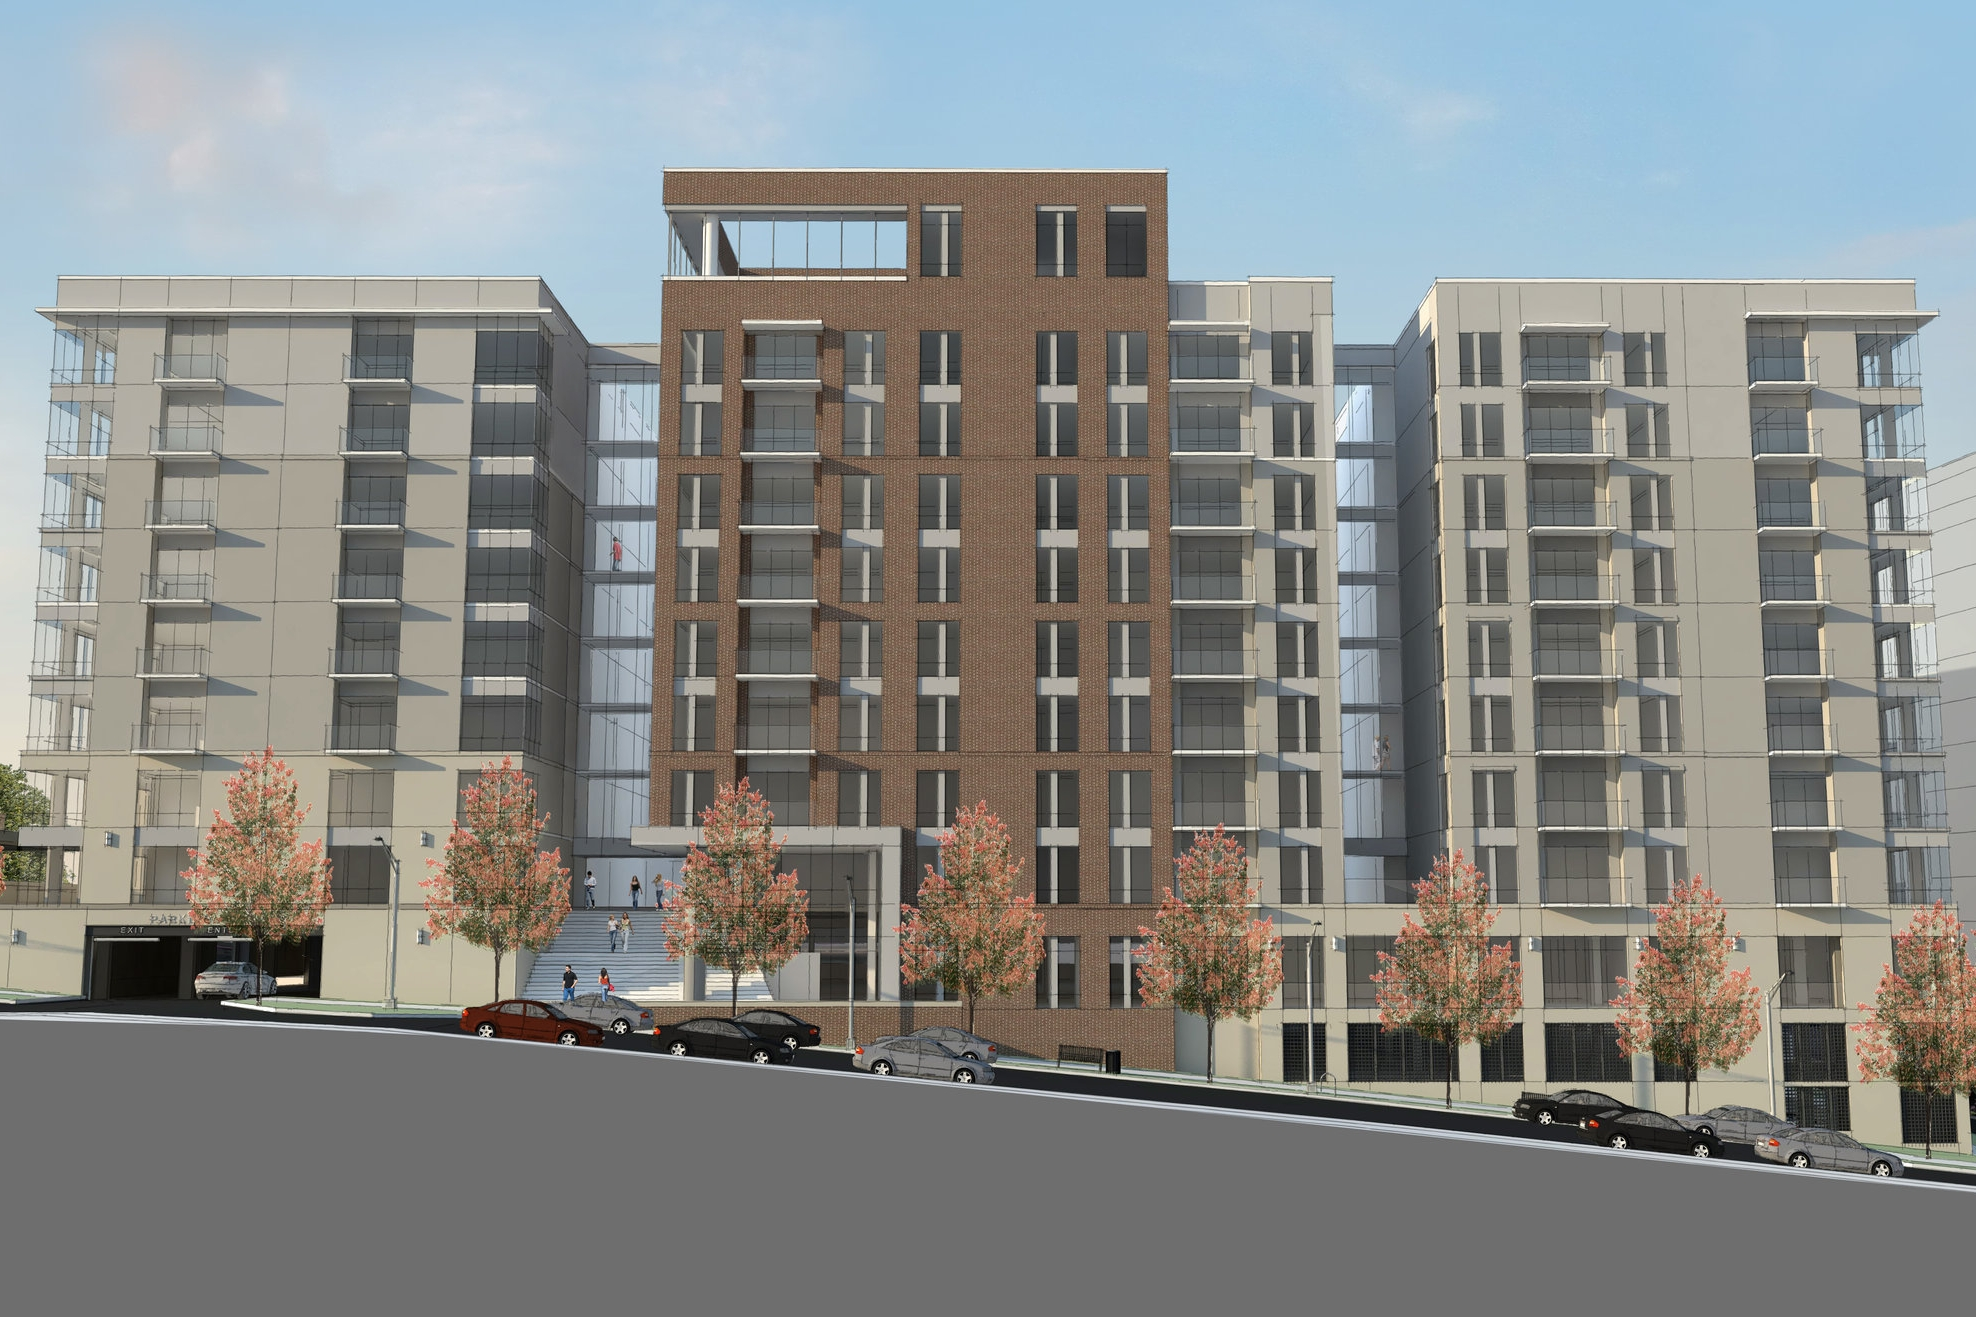 113044_Brookwood Square Residential.jpg